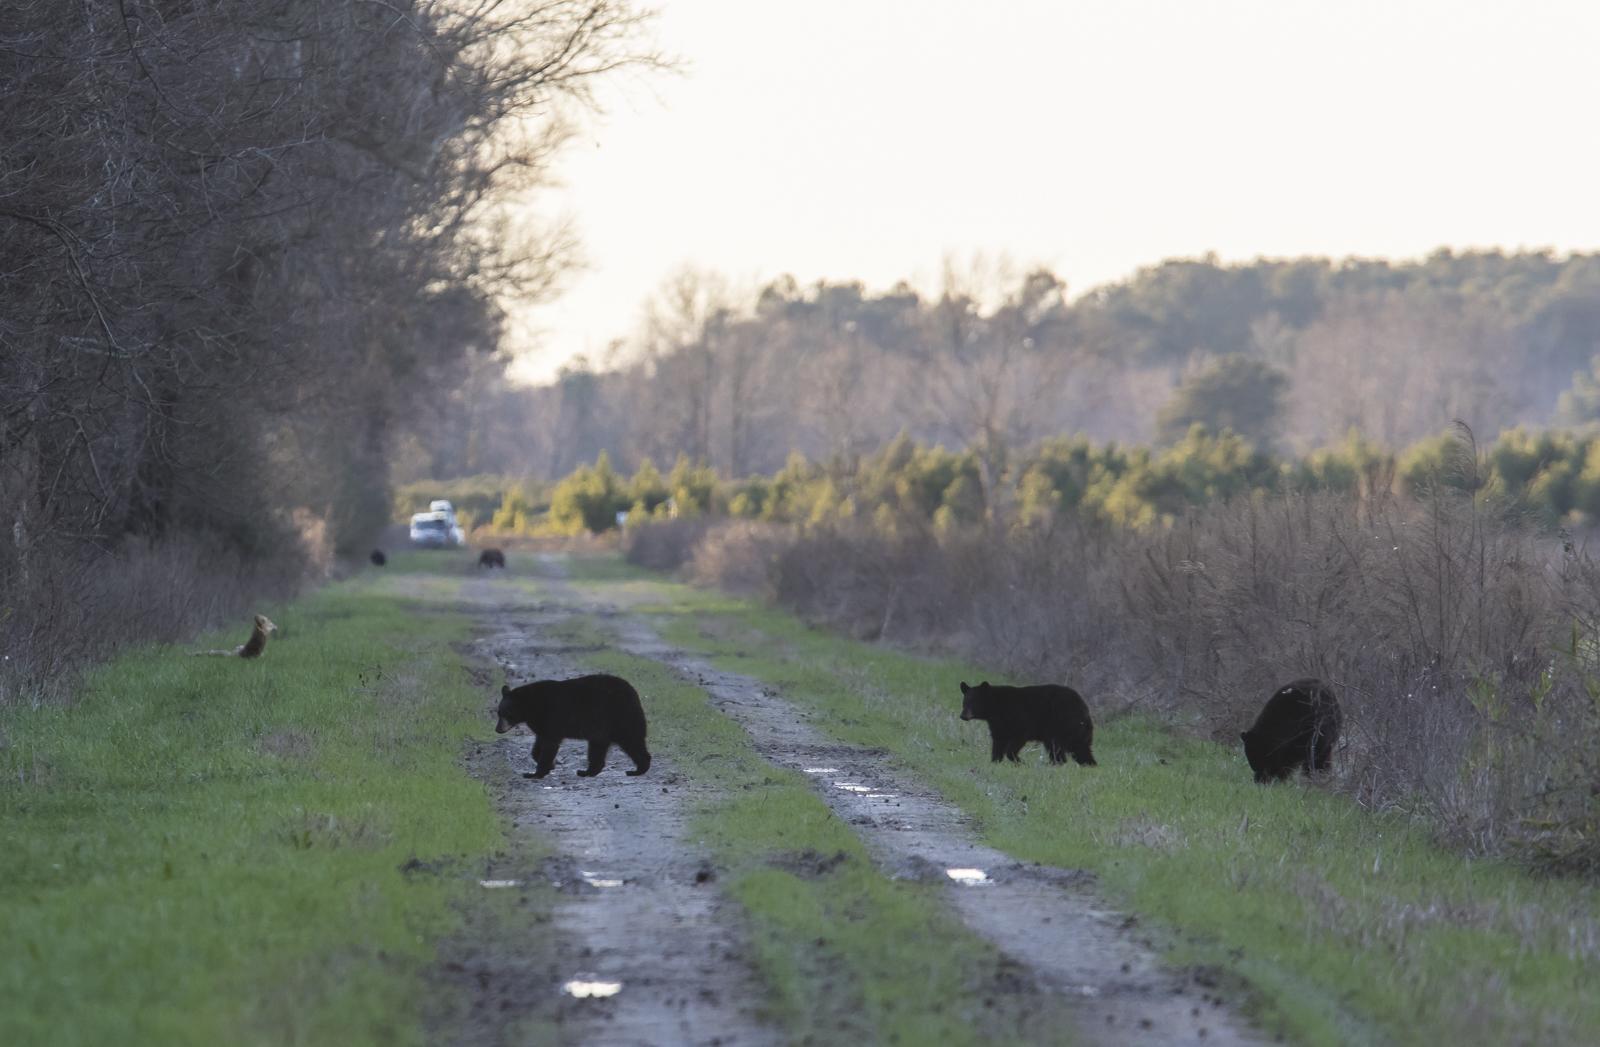 bears in rod